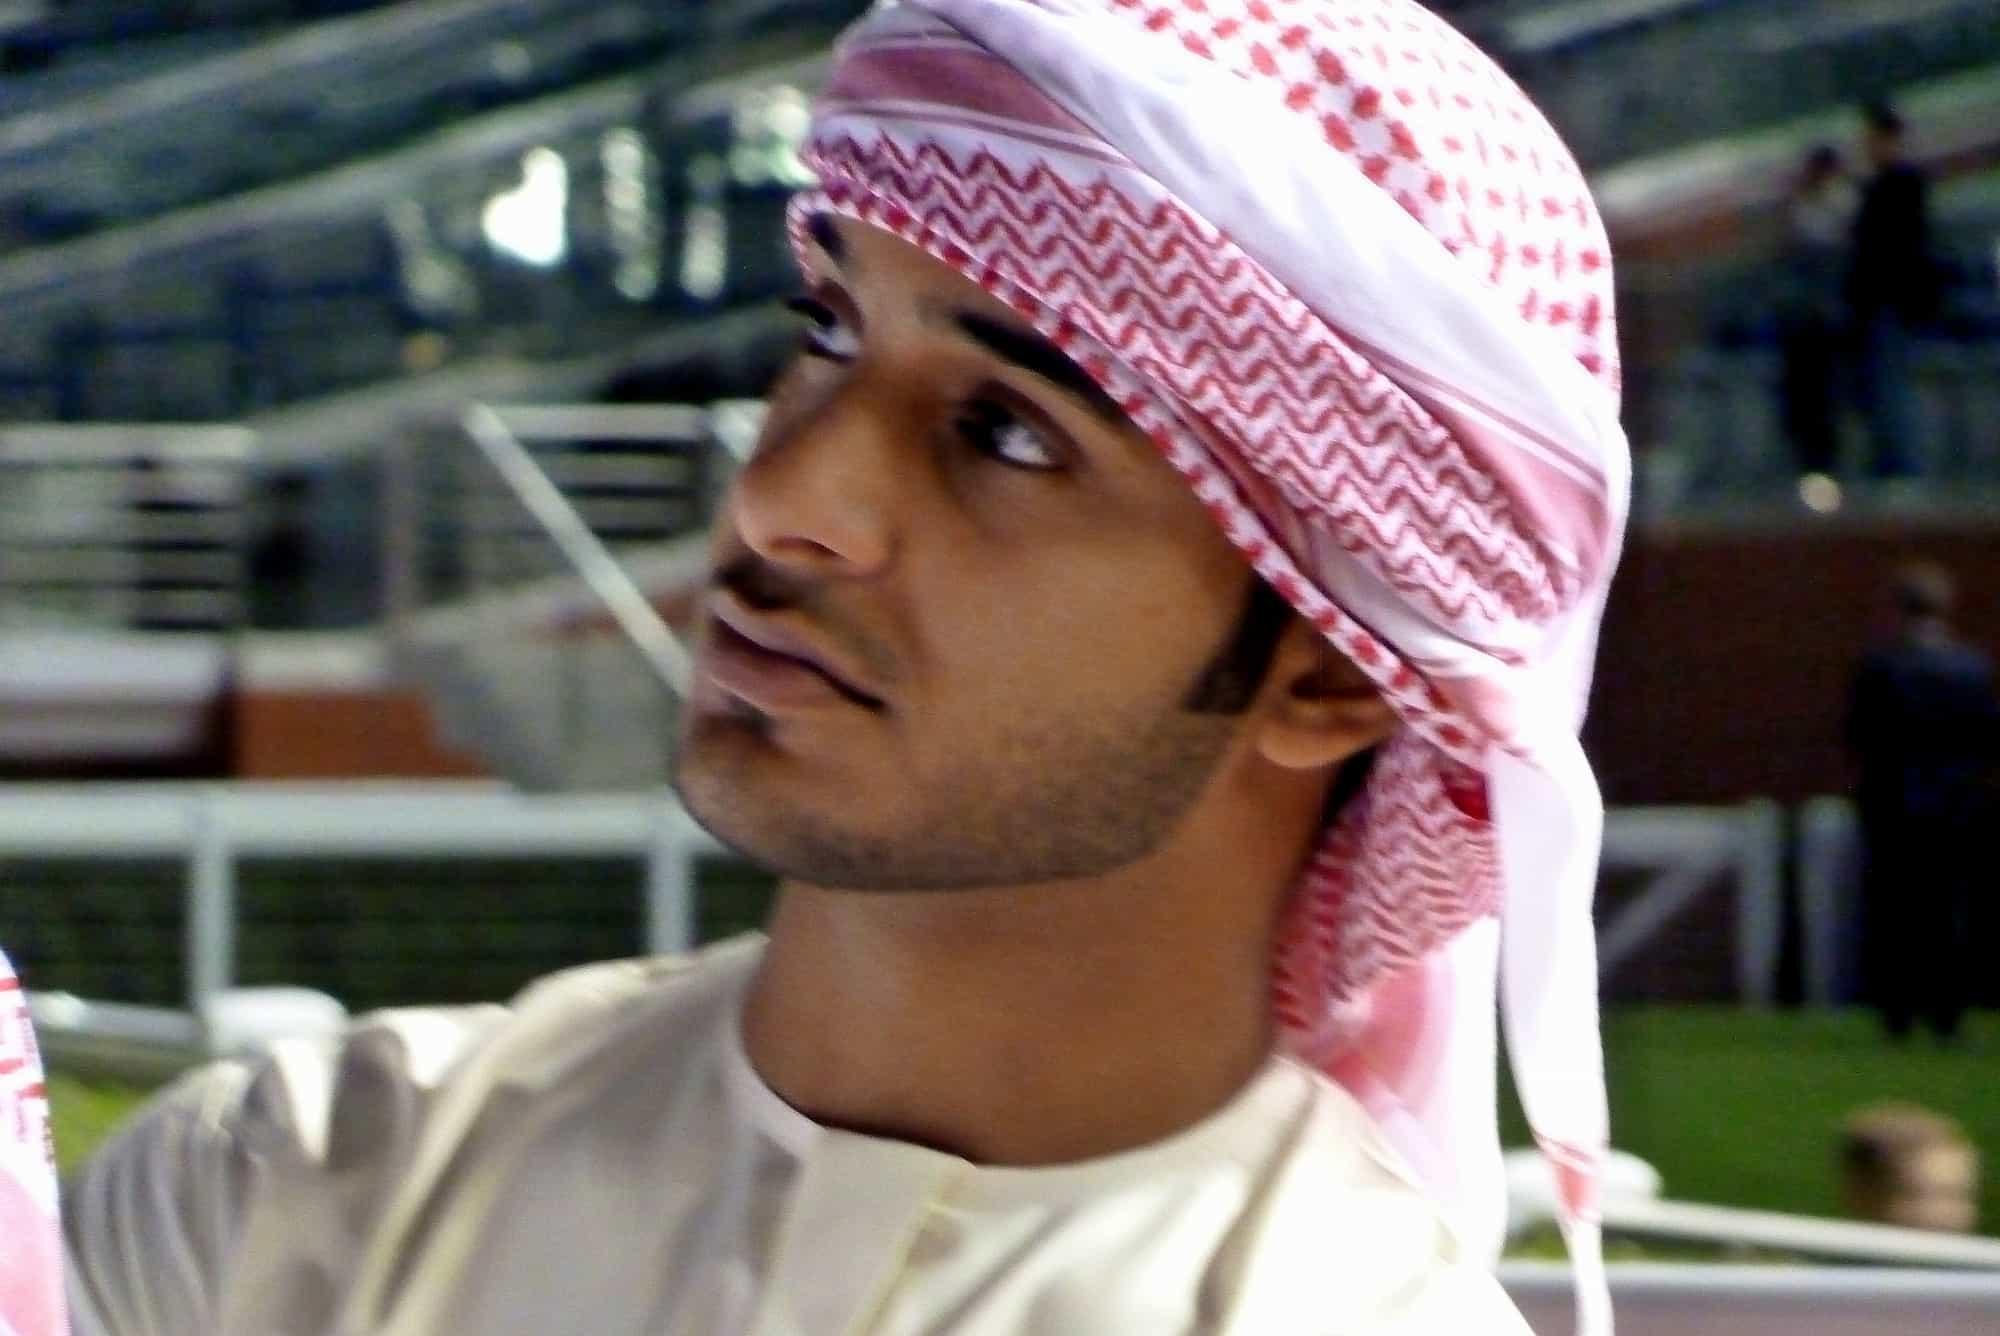 شخصيات اماراتية مشهورة